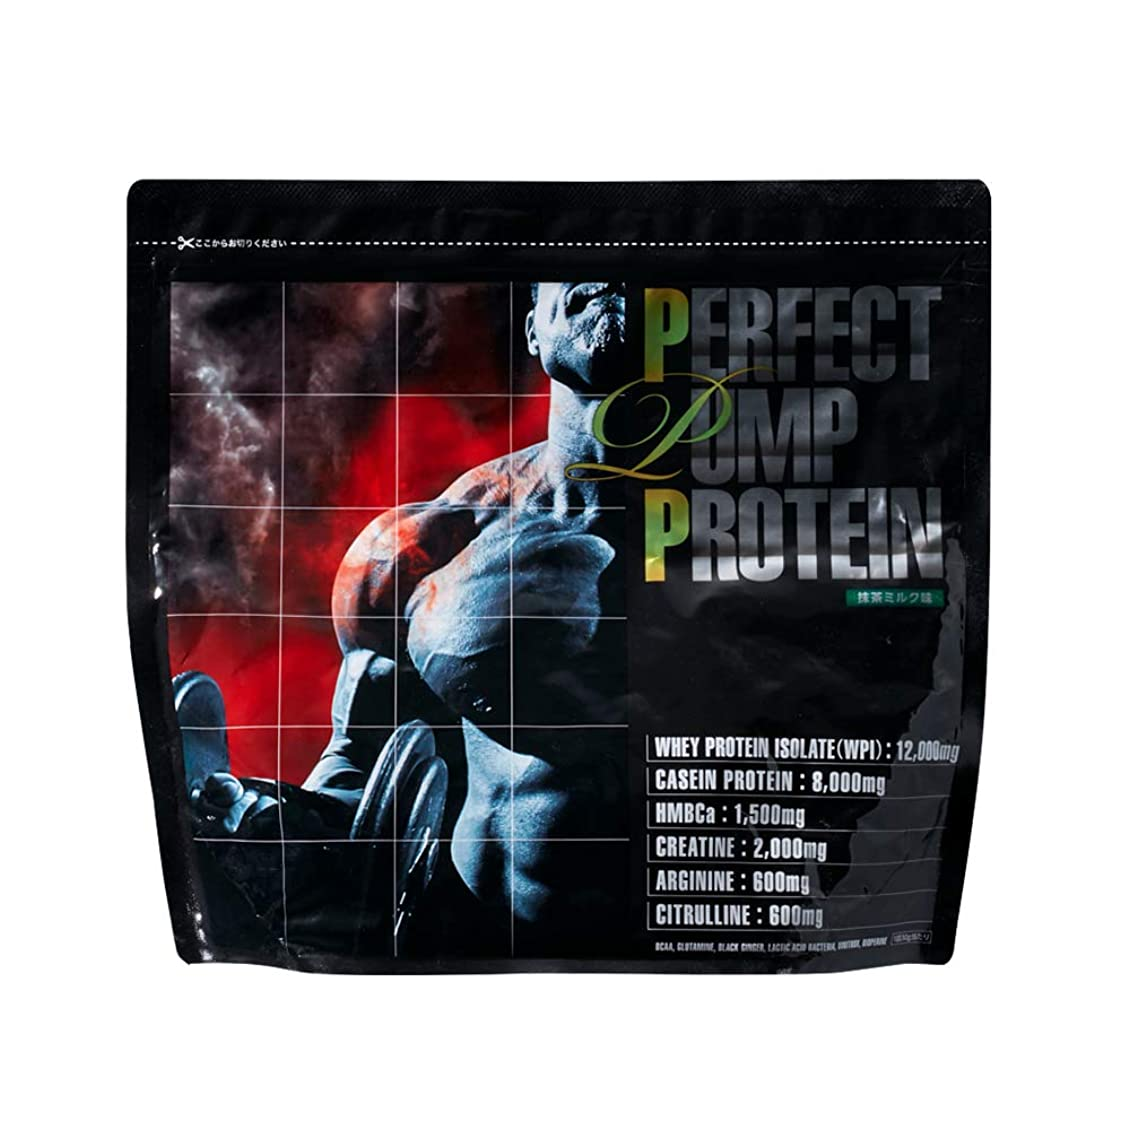 ポゴスティックジャンプ袋合理化PERFTCT PUMP PROTEIN パーフェクトパンププロテイン 1kg (抹茶ミルク, 1kg)